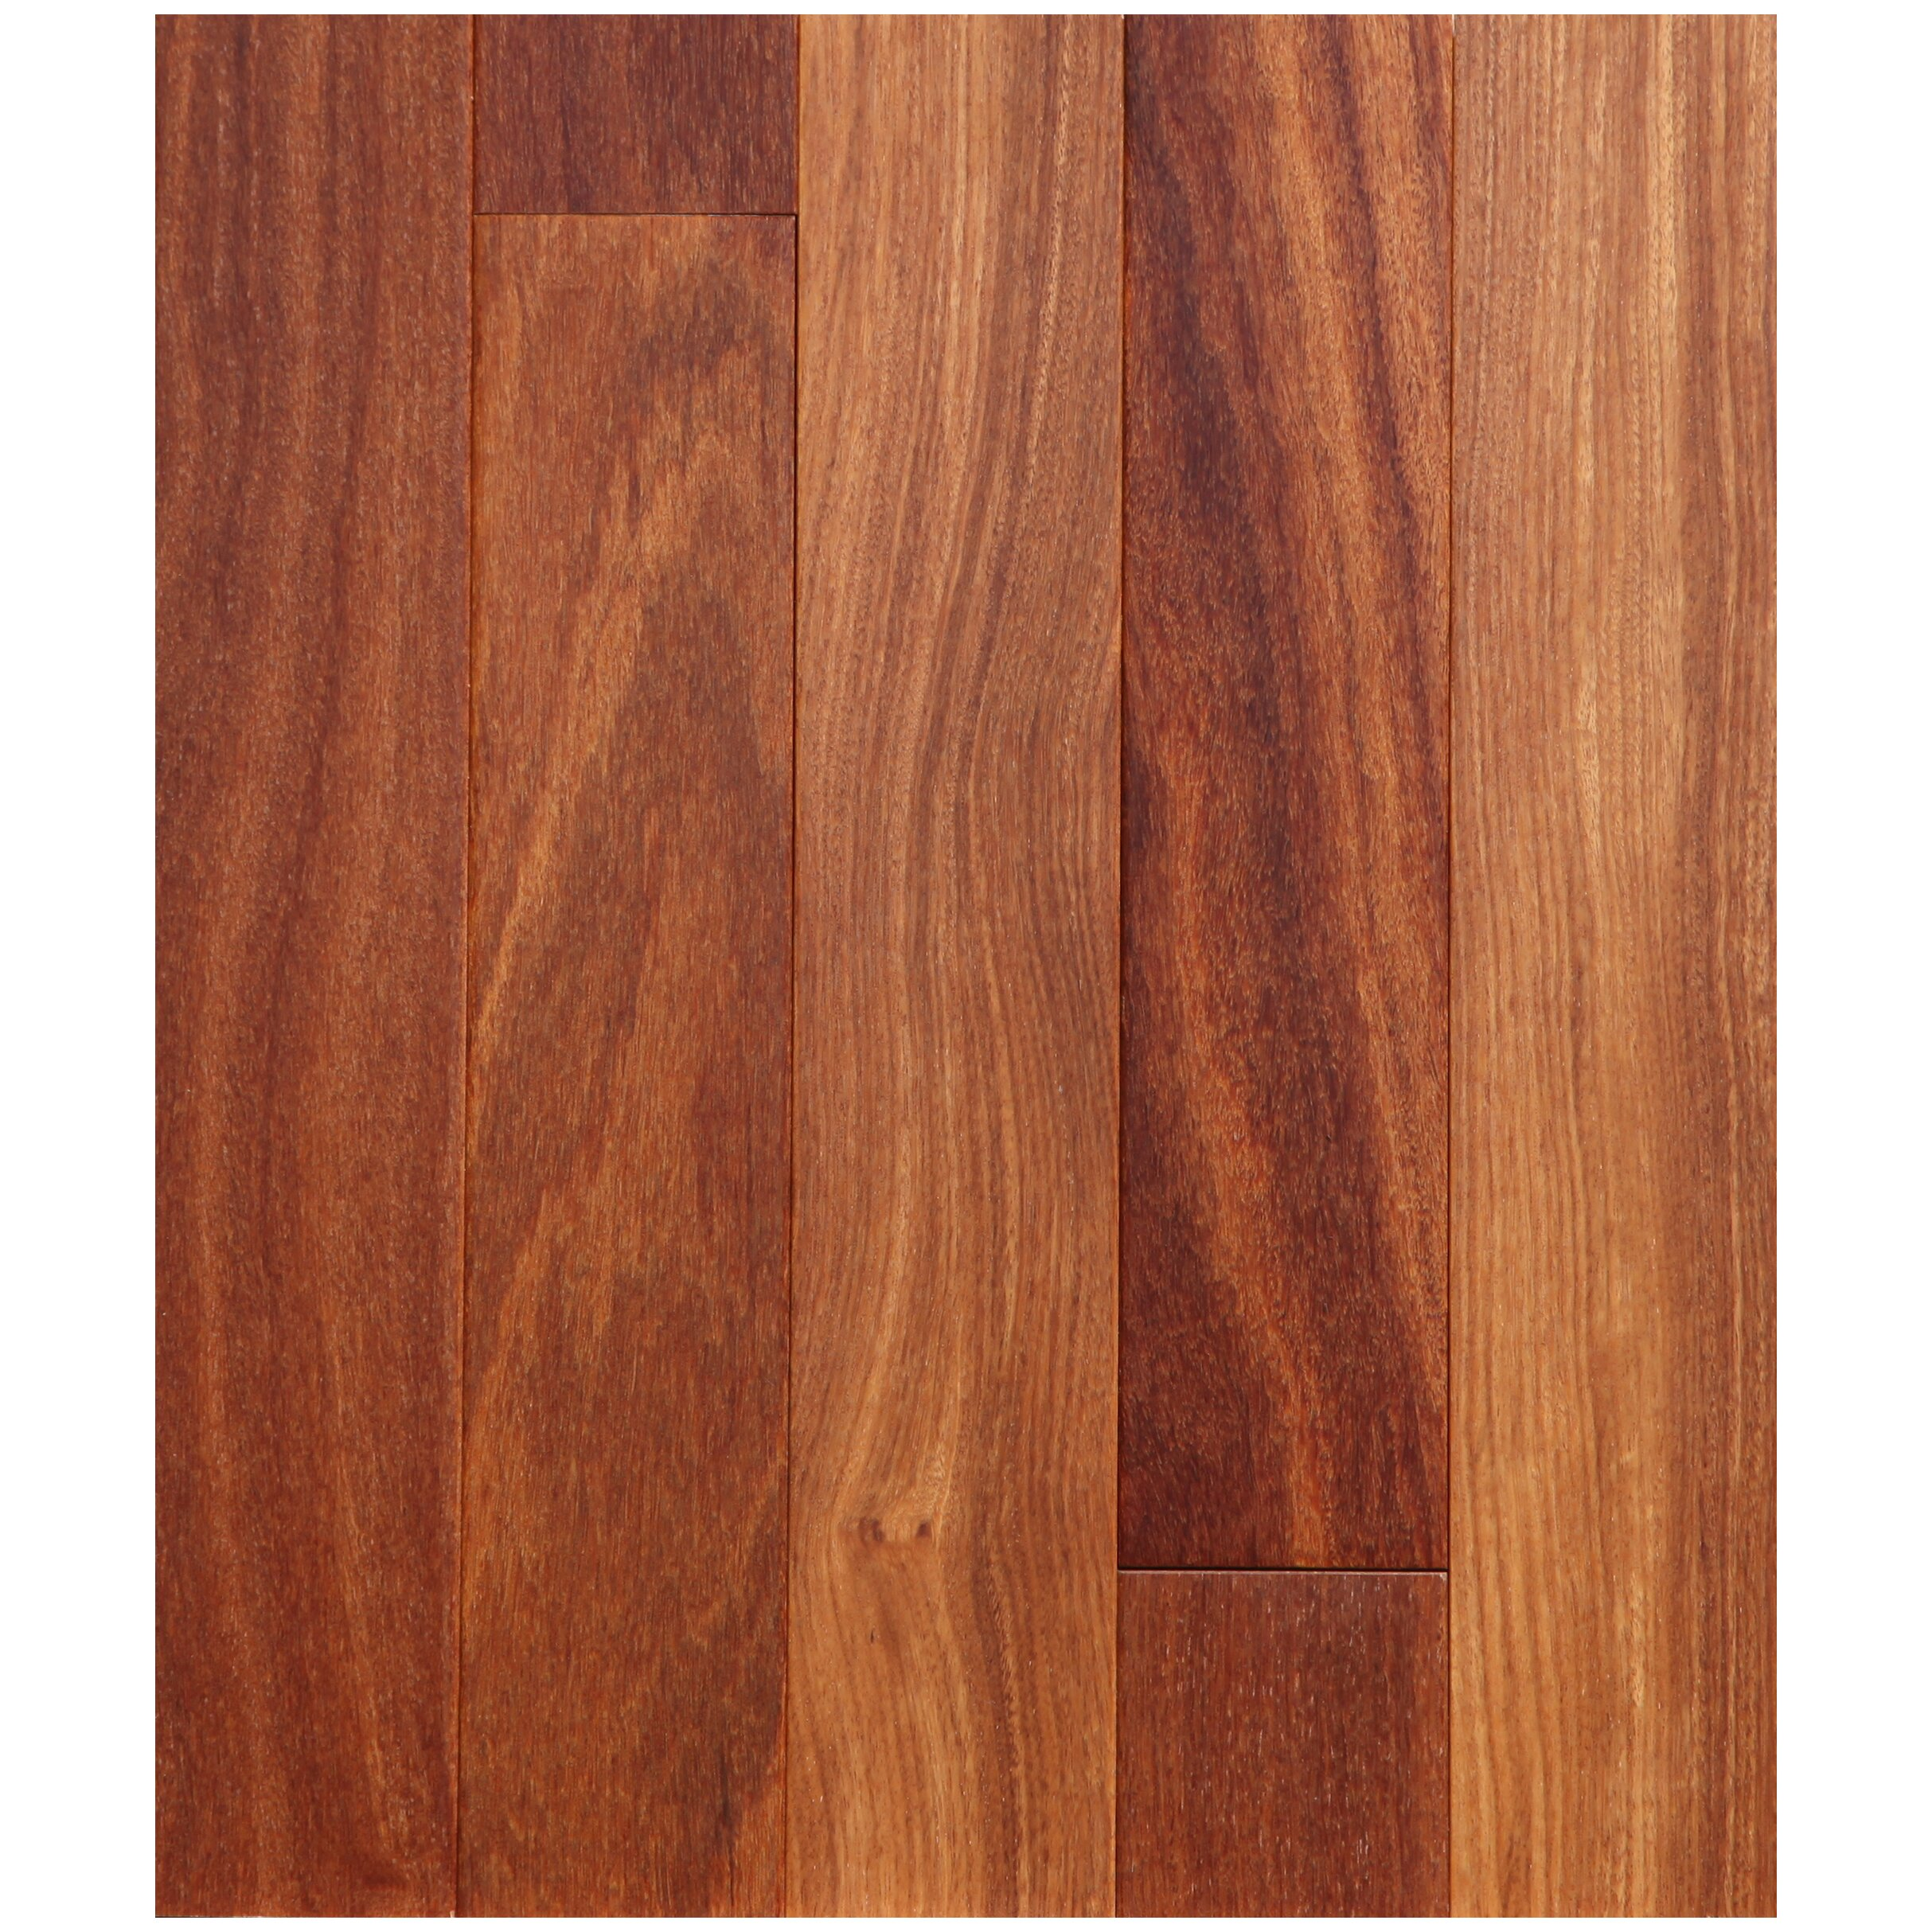 """Easoon Usa 5 Engineered Manchurian Walnut Hardwood: Easoon USA 5"""" Engineered Brazilian Teak Hardwood Flooring"""